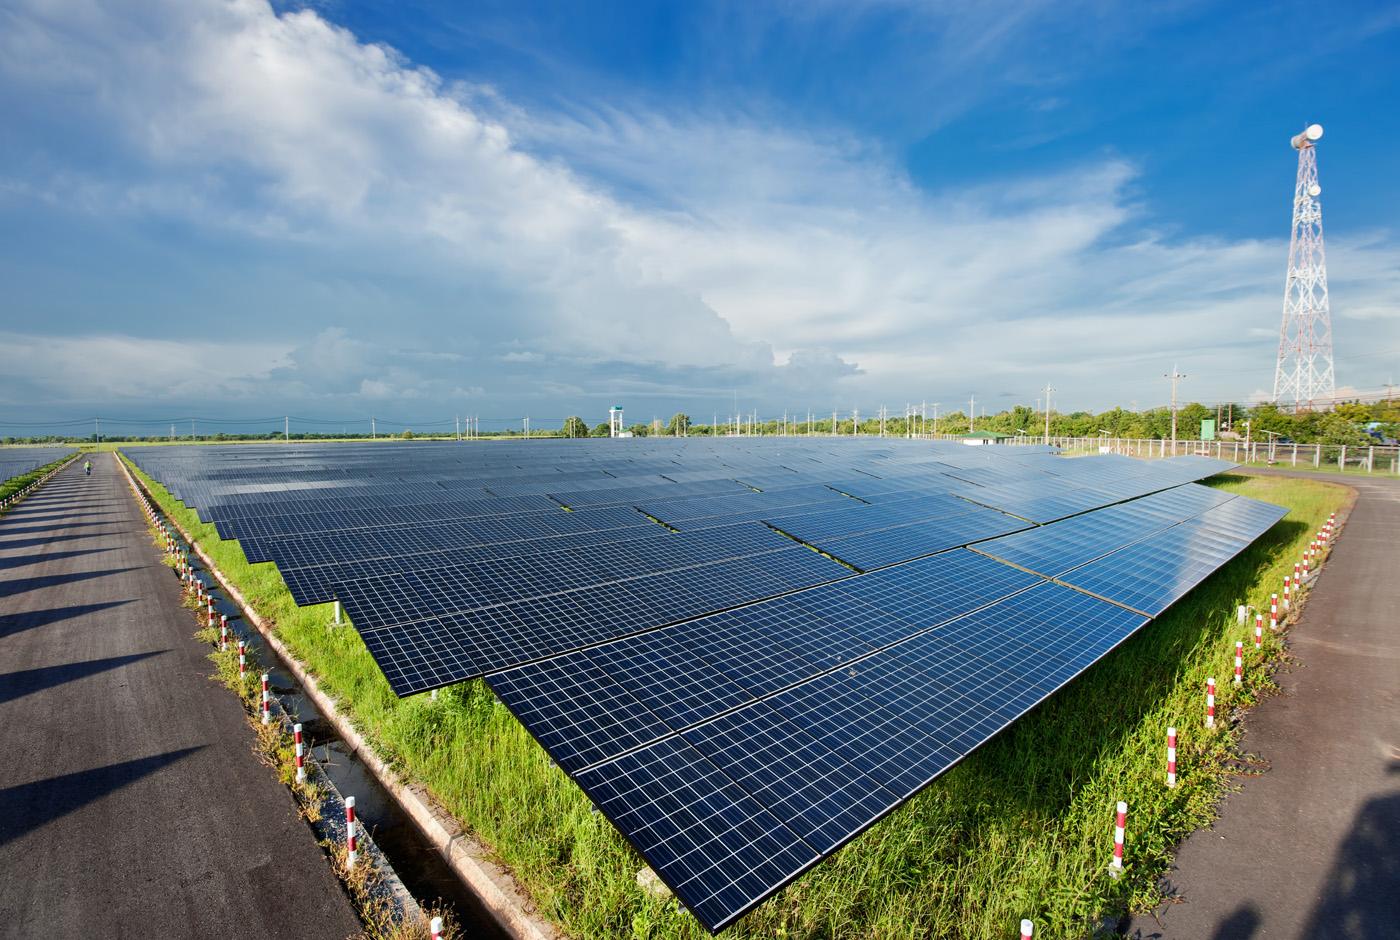 En los últimos años han sido muchos los países que han apostado por energía solar